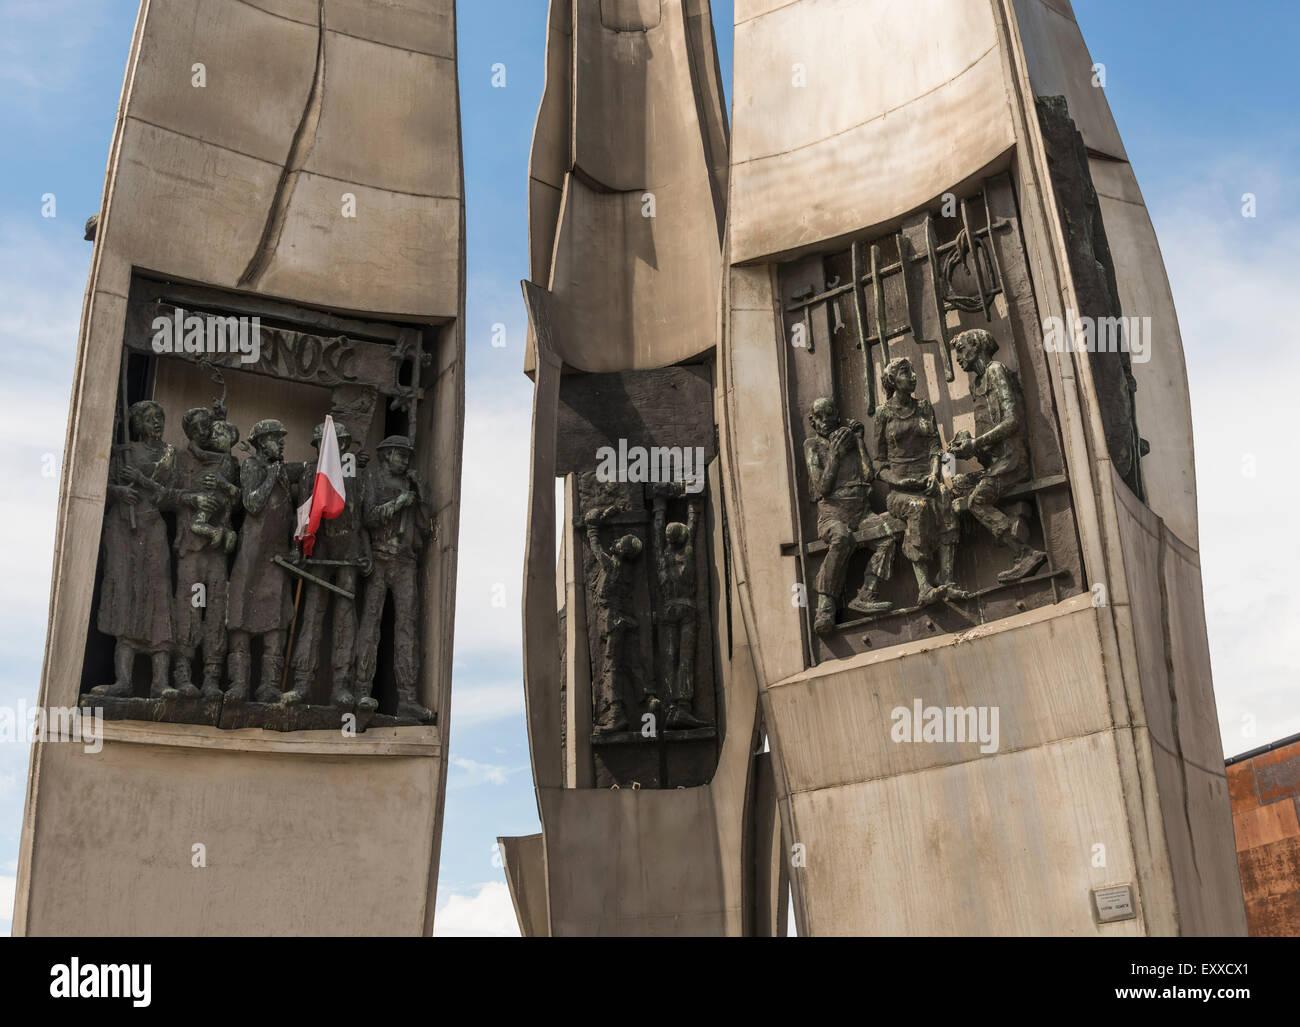 Detalle en el Monumento a los caídos de los trabajadores de los Astilleros Navales de 1970 en Gdansk, Polonia, Imagen De Stock